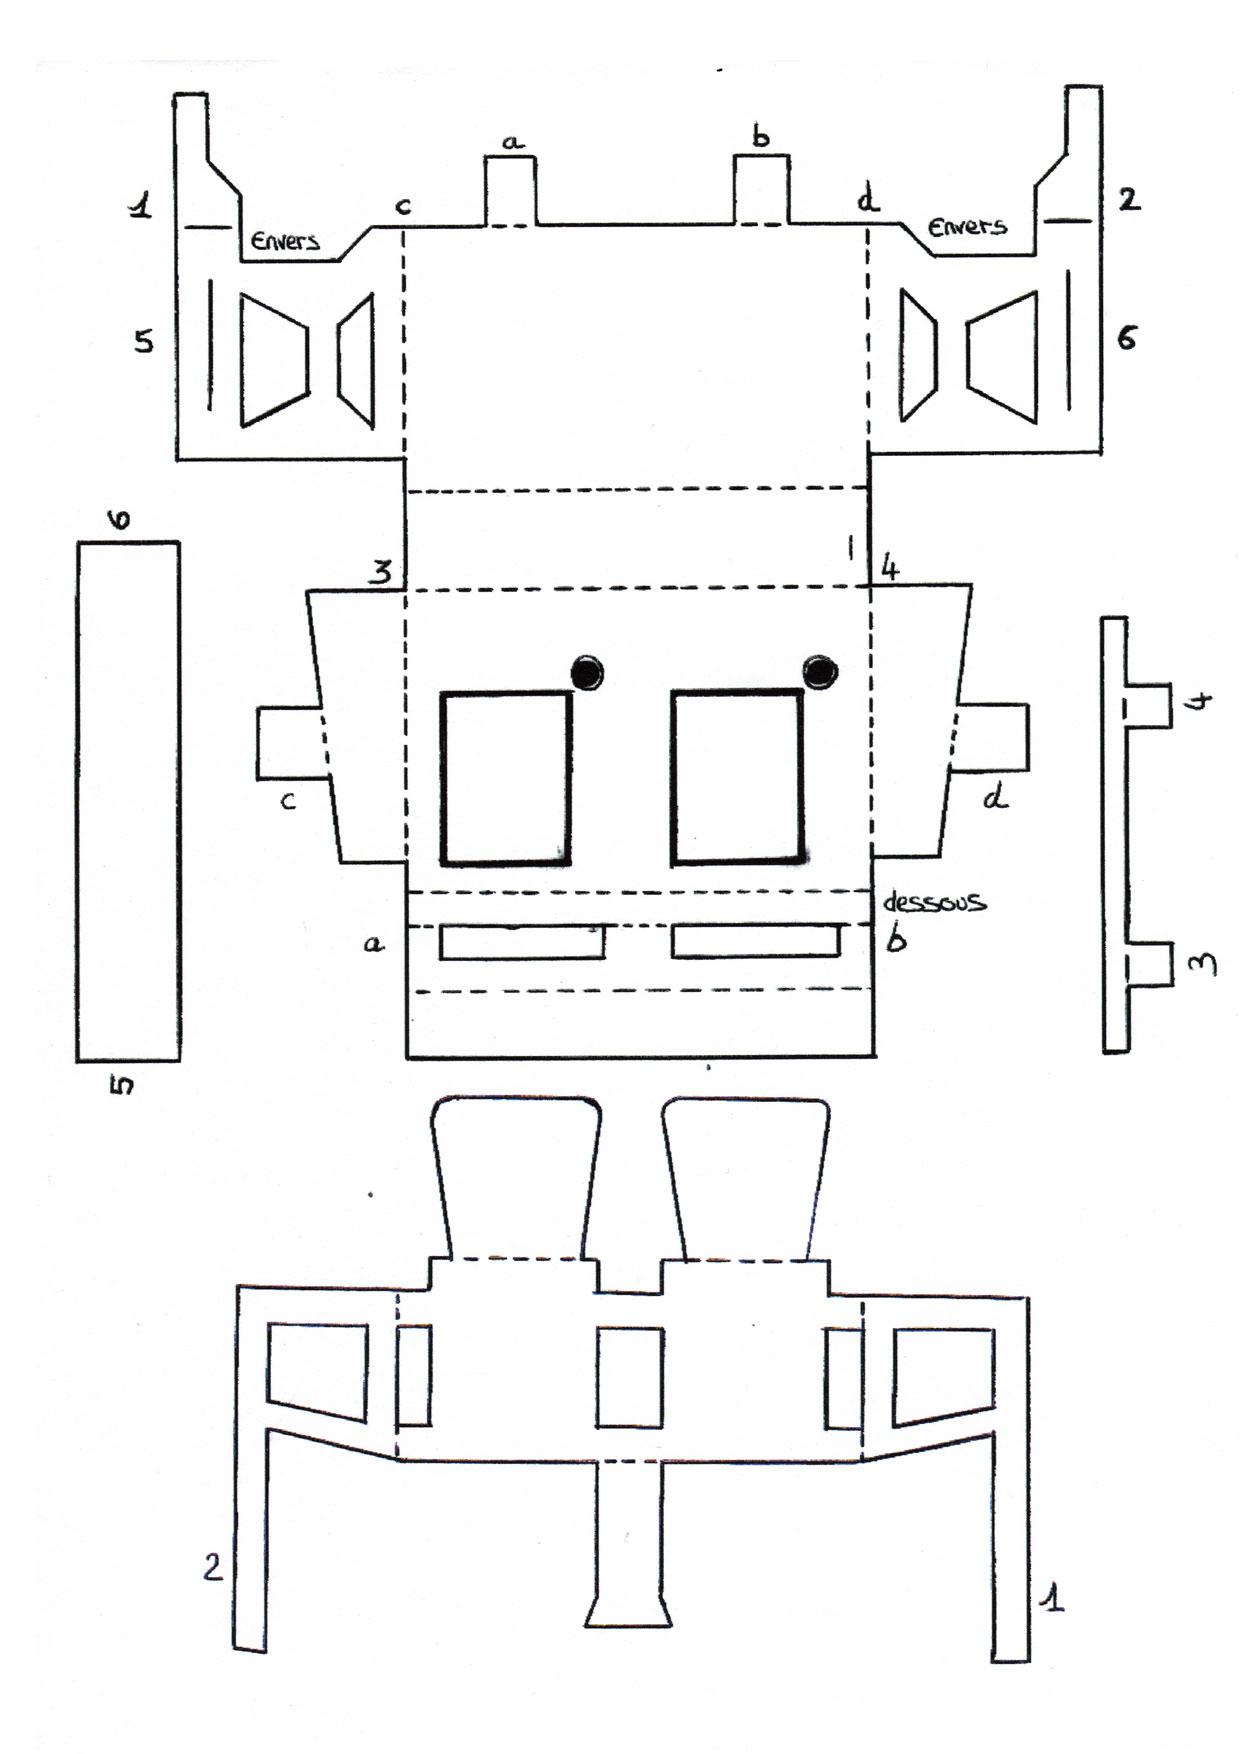 Découpages À Imprimer - Musée De La Tour Nivelle avec Decoupage A Imprimer